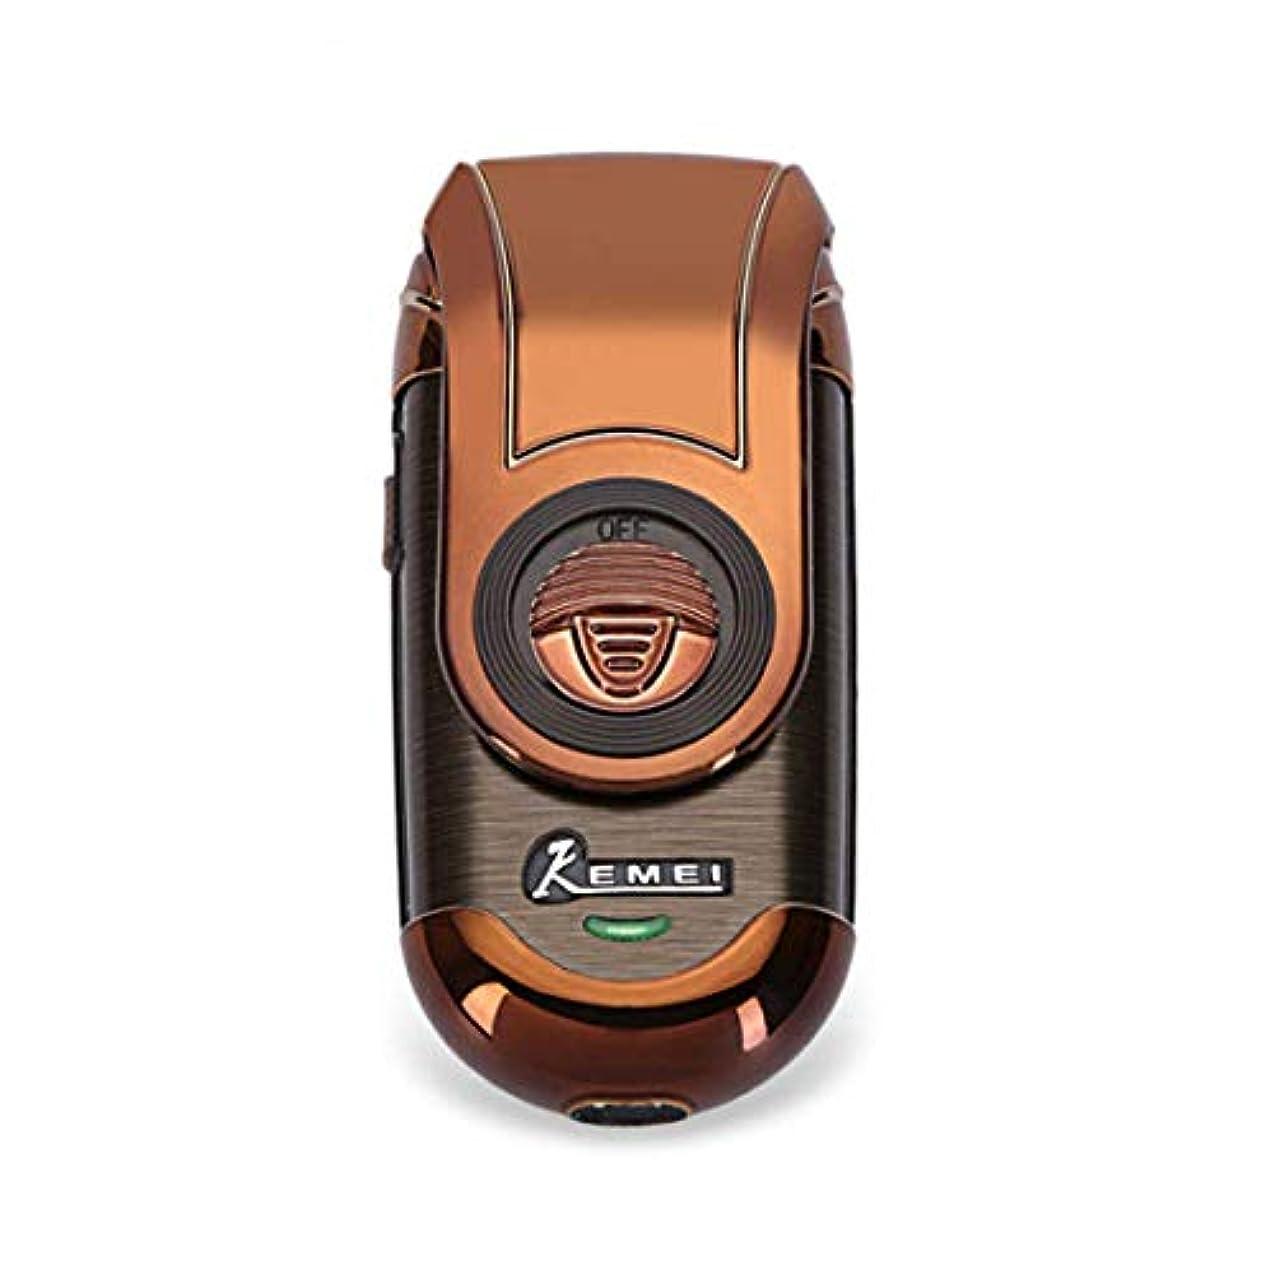 遡る添加実行する再充電可能な電気かみそりコードレスひげトリマー3D浮遊刃ホイル旅行シェーバー、ポップアップトリマーを往復させる人の小型携帯用電気かみそり